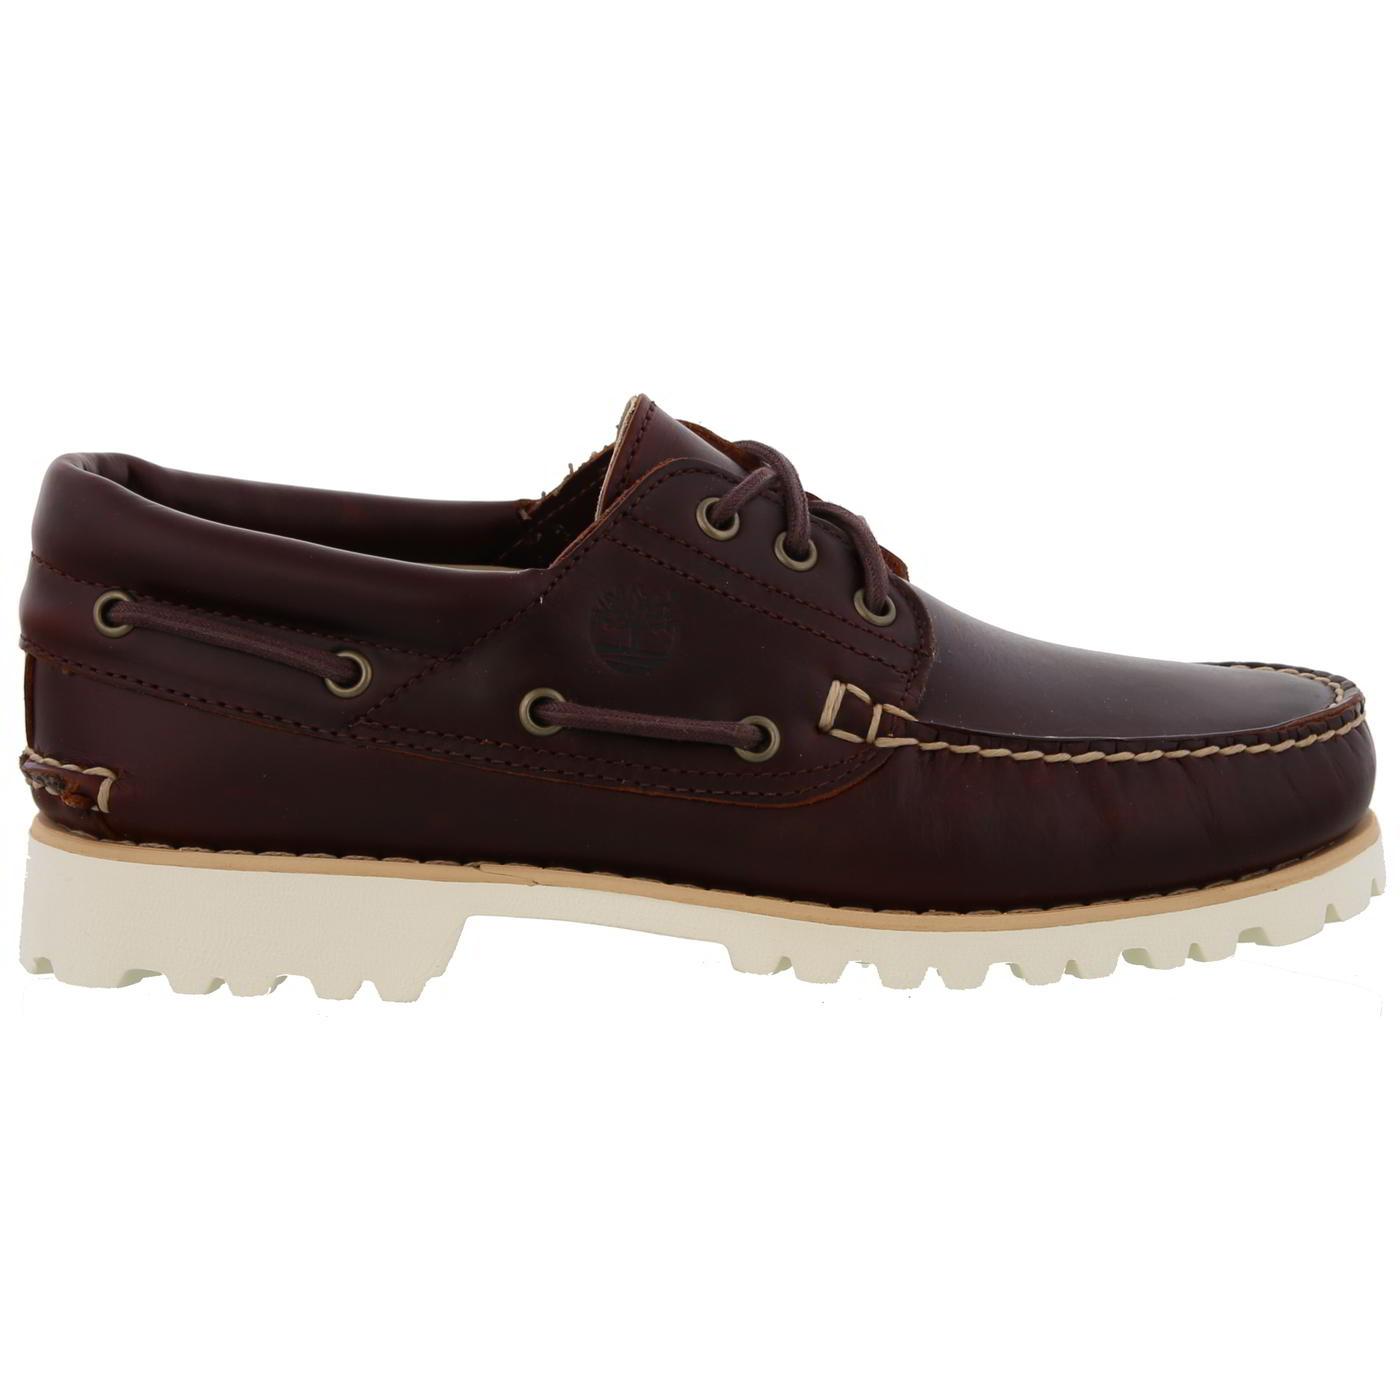 Détails sur Timberland Chilmark Homme Chaussures Bateau en cuir marron 3 Eye Deck Chaussures Taille 8 13.5 afficher le titre d'origine